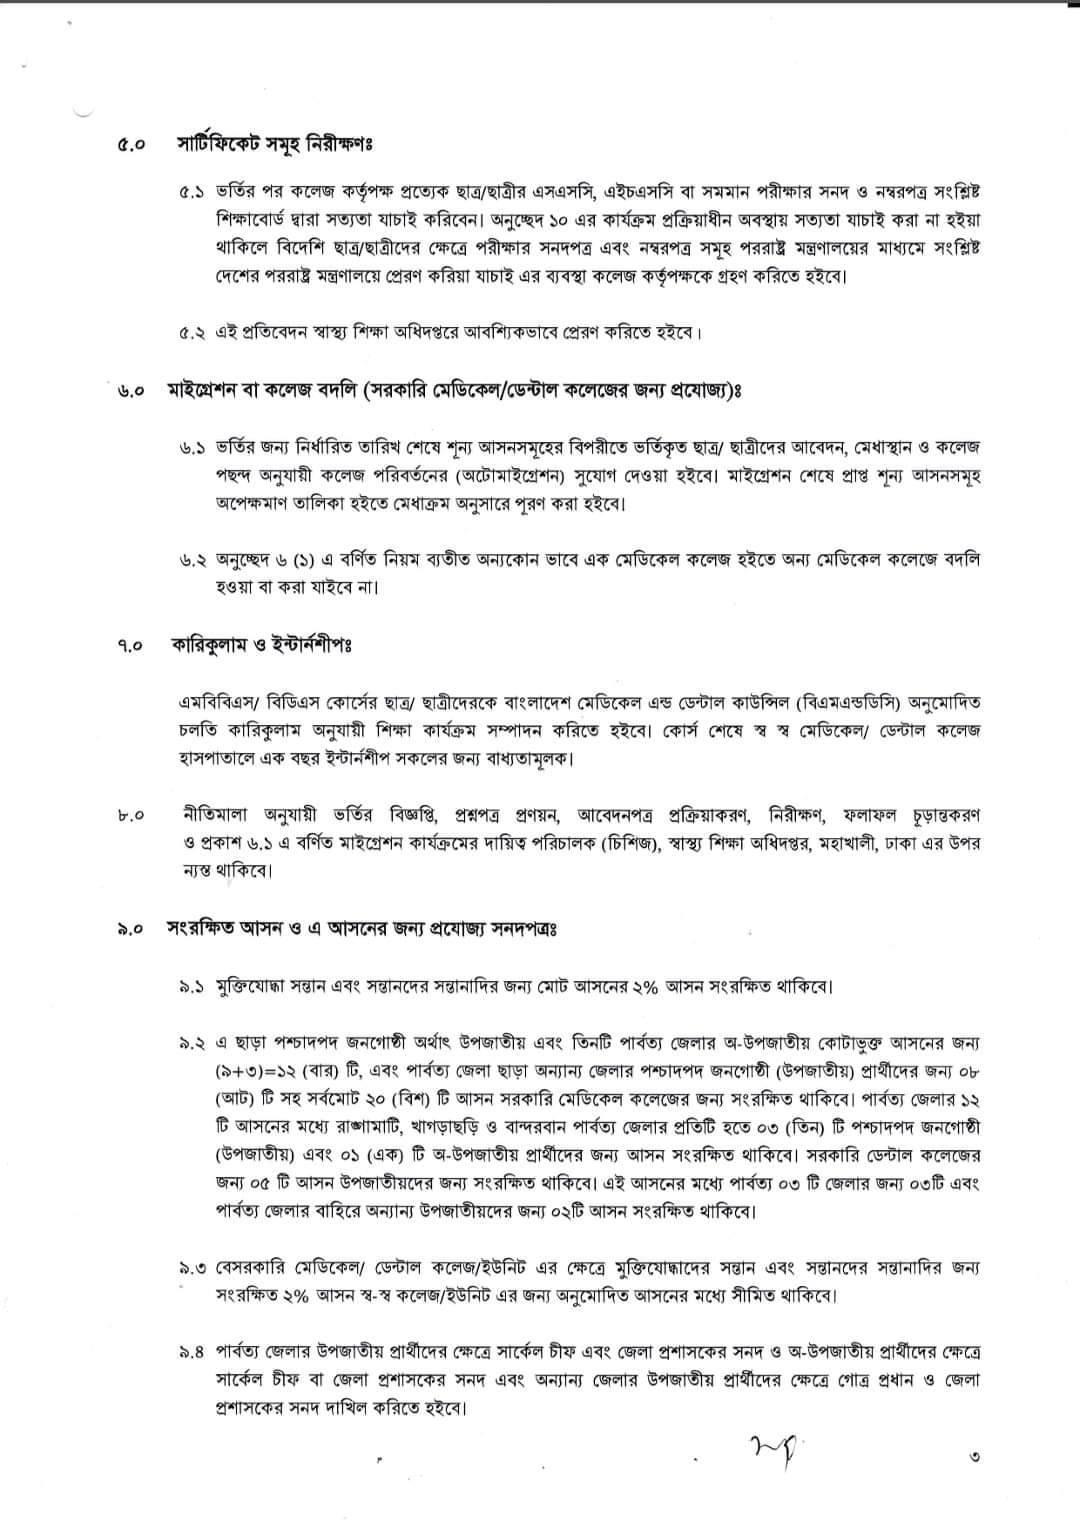 Medical (MBBS) admission circular 2020-21 | মেডিকেল ভর্তি সার্কুলার নীতিমালা ২০২০-21